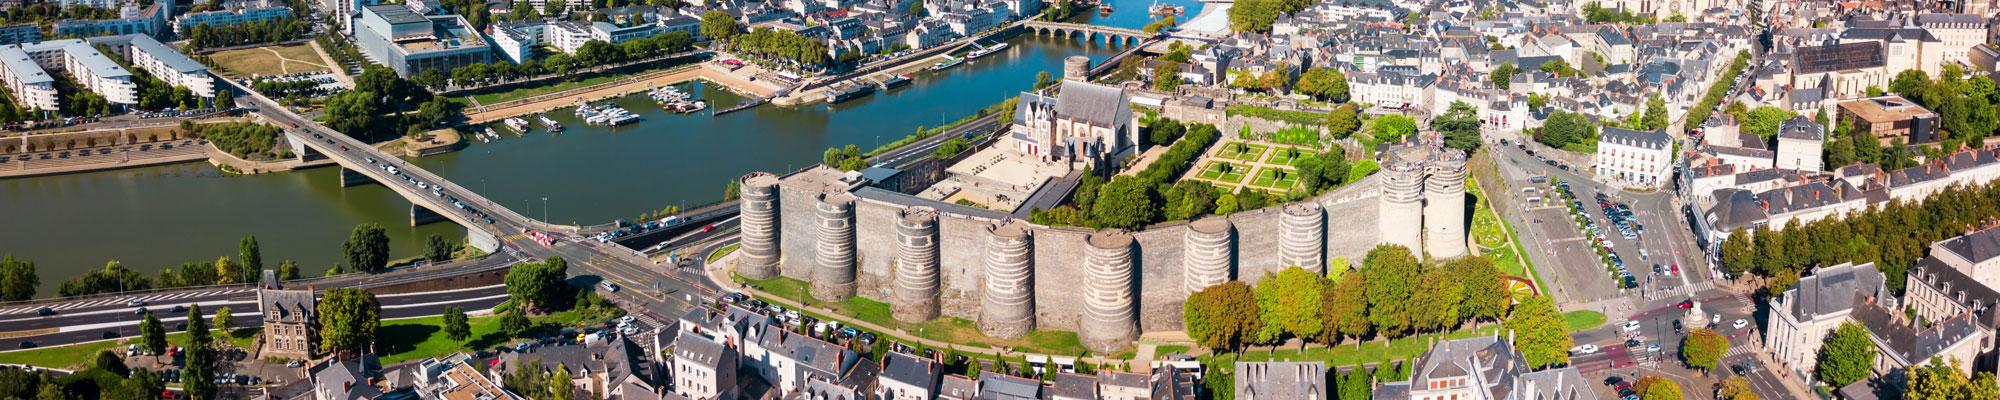 Mastère à Angers / Bac+5 en alternance